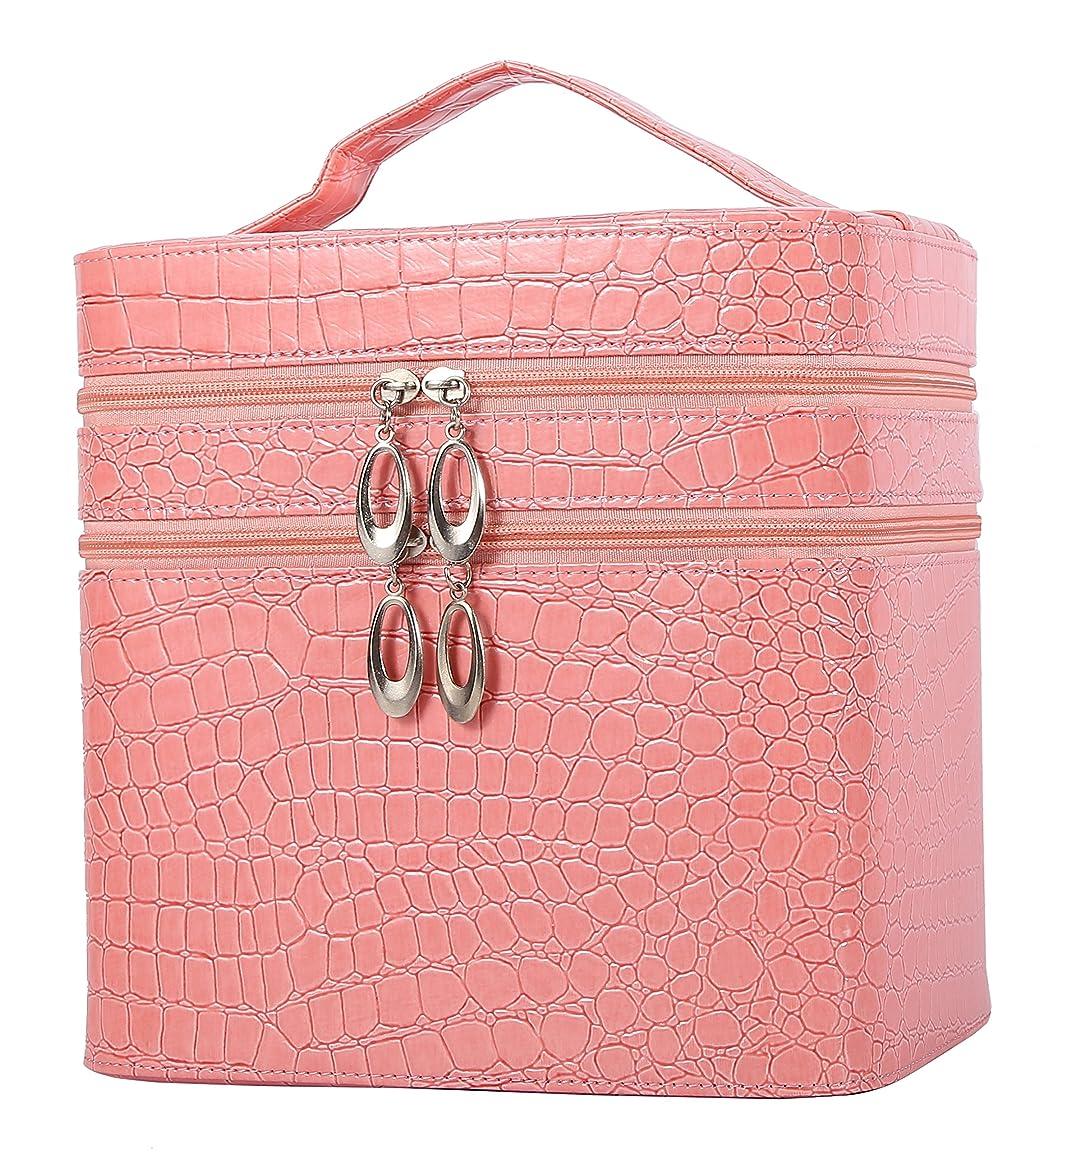 アルバム増強する過激派HOYOFO メイクボックス 大容量 鏡付き おしゃれ コスメ収納 化粧品 収納 化粧 ボックス 2段タイプ ピンク